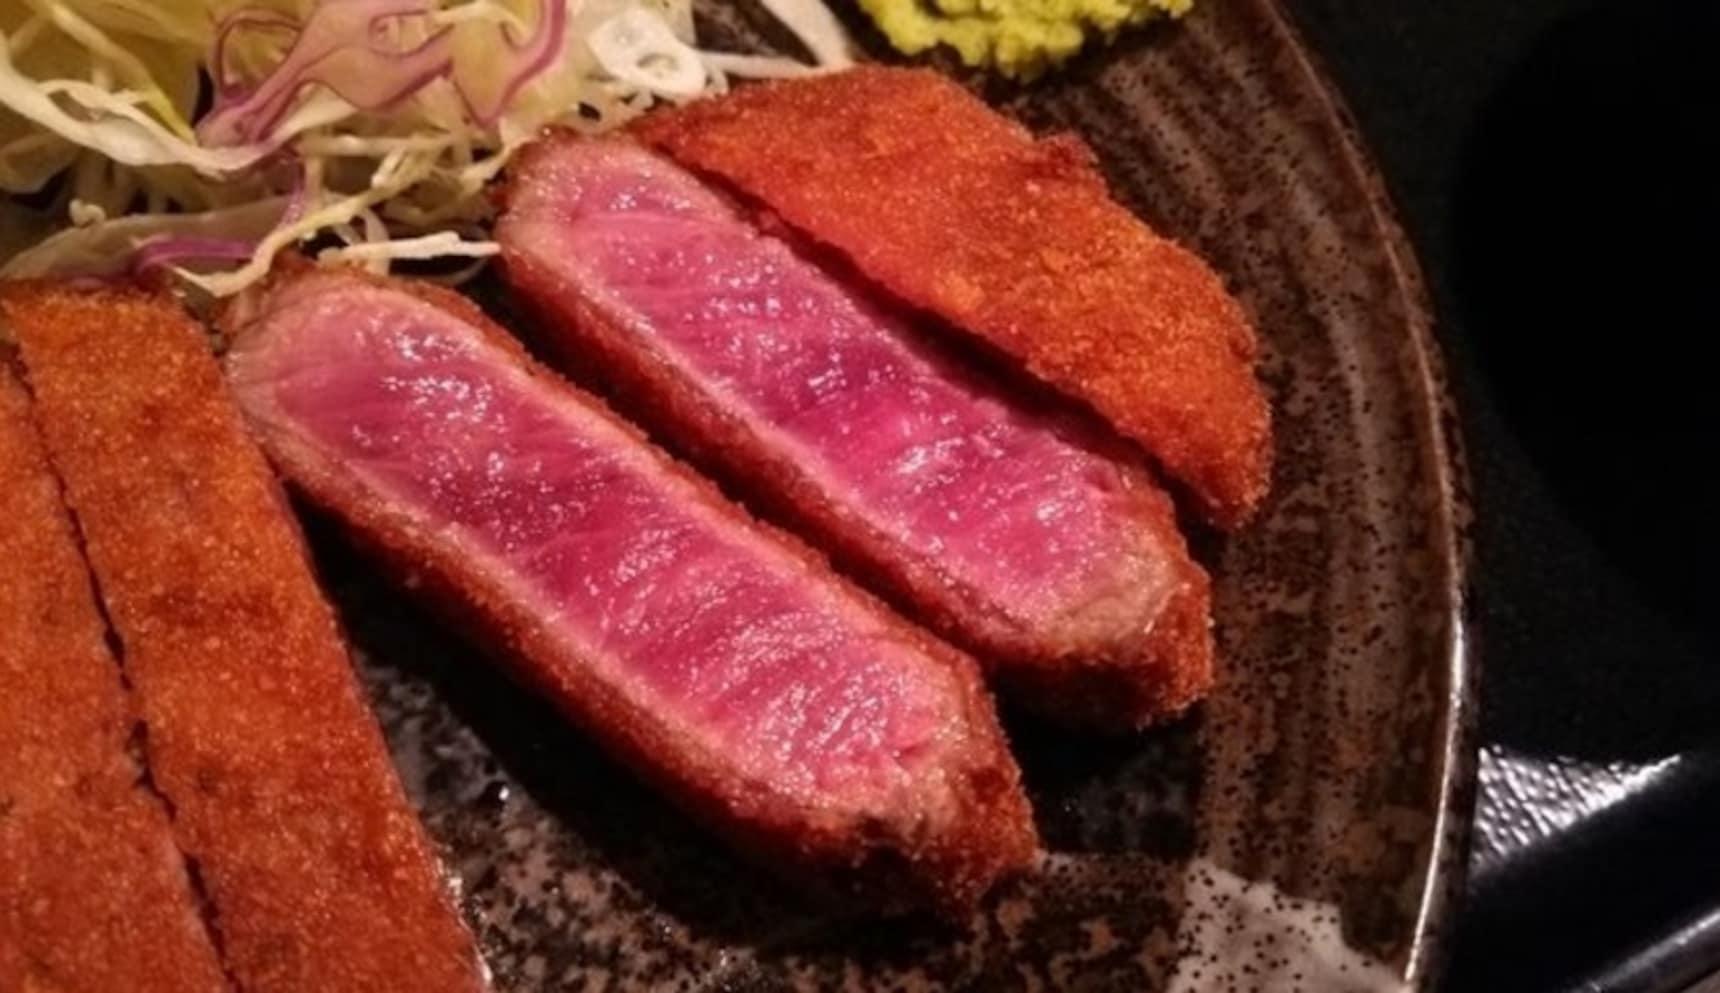 Akihabara Food Guide